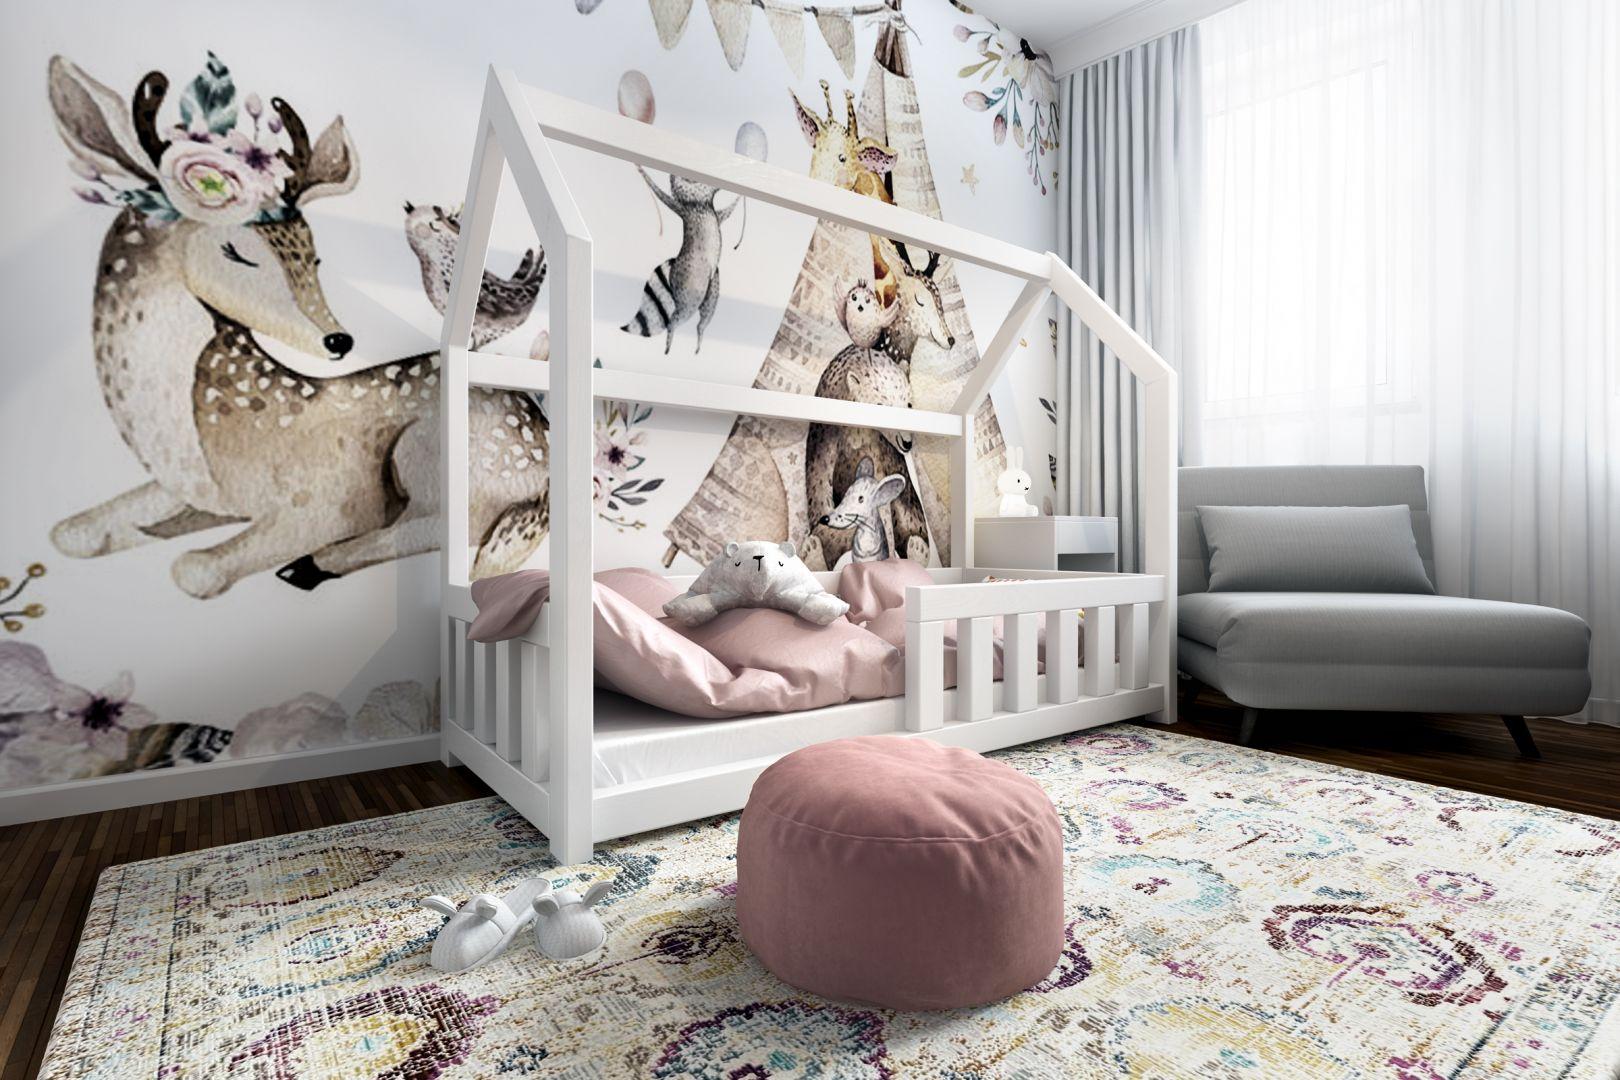 Pomysł na pokój dziecka - piękny i pobudzający wyobraźnię. Projekt: Marta Ogrodowczyk-Trepczyńska, Marta Piórkowska, Oktawia Rusin. Wizualizacje: Elżbieta Paćkowska